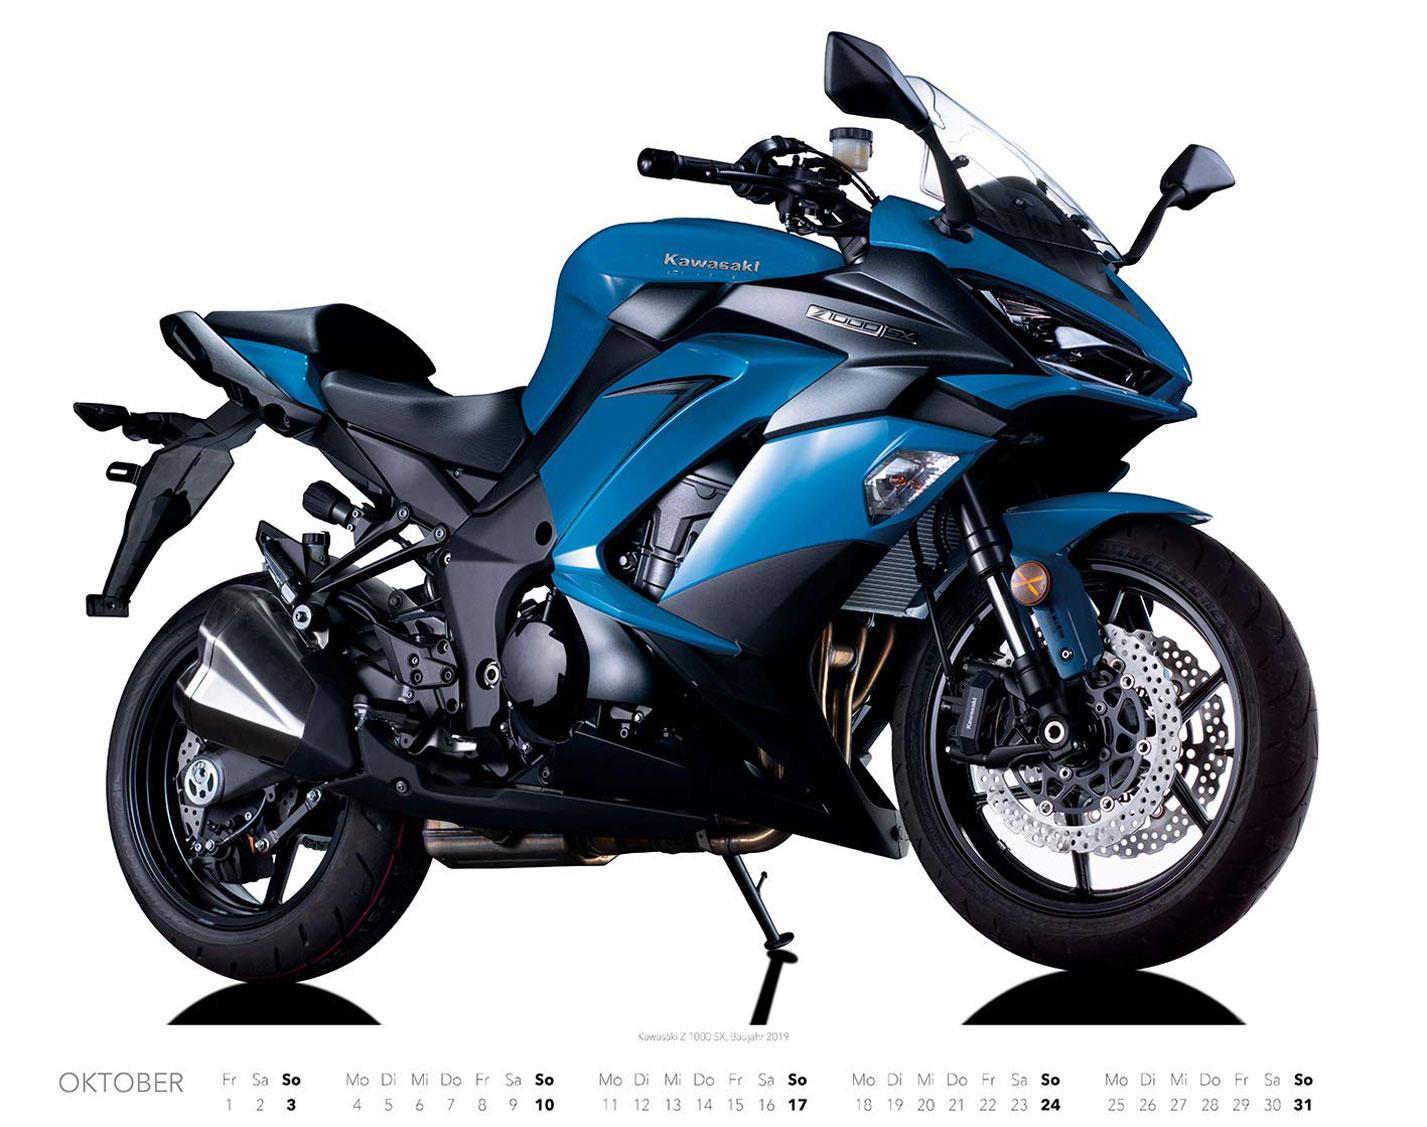 Календарь с крутыми мотоциклами на 2021 год / октябрь